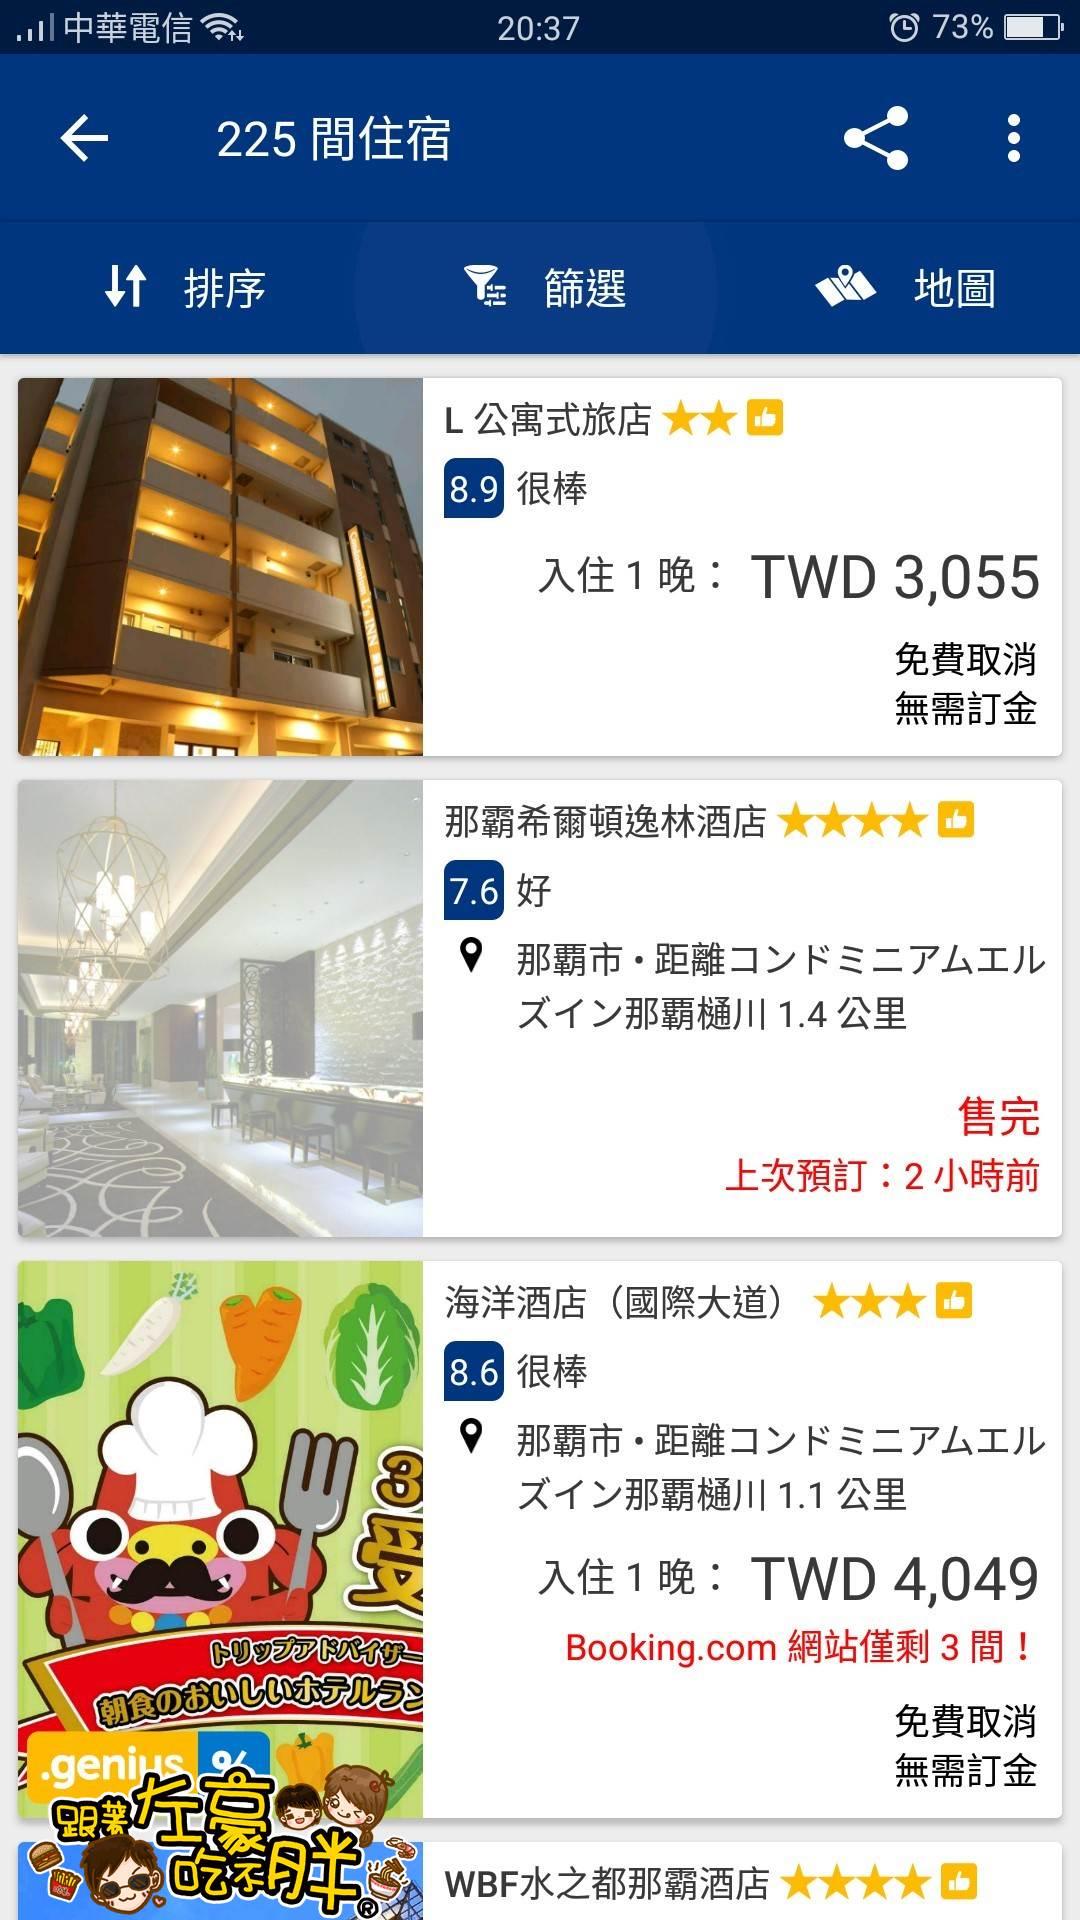 booking.com_190507_0011